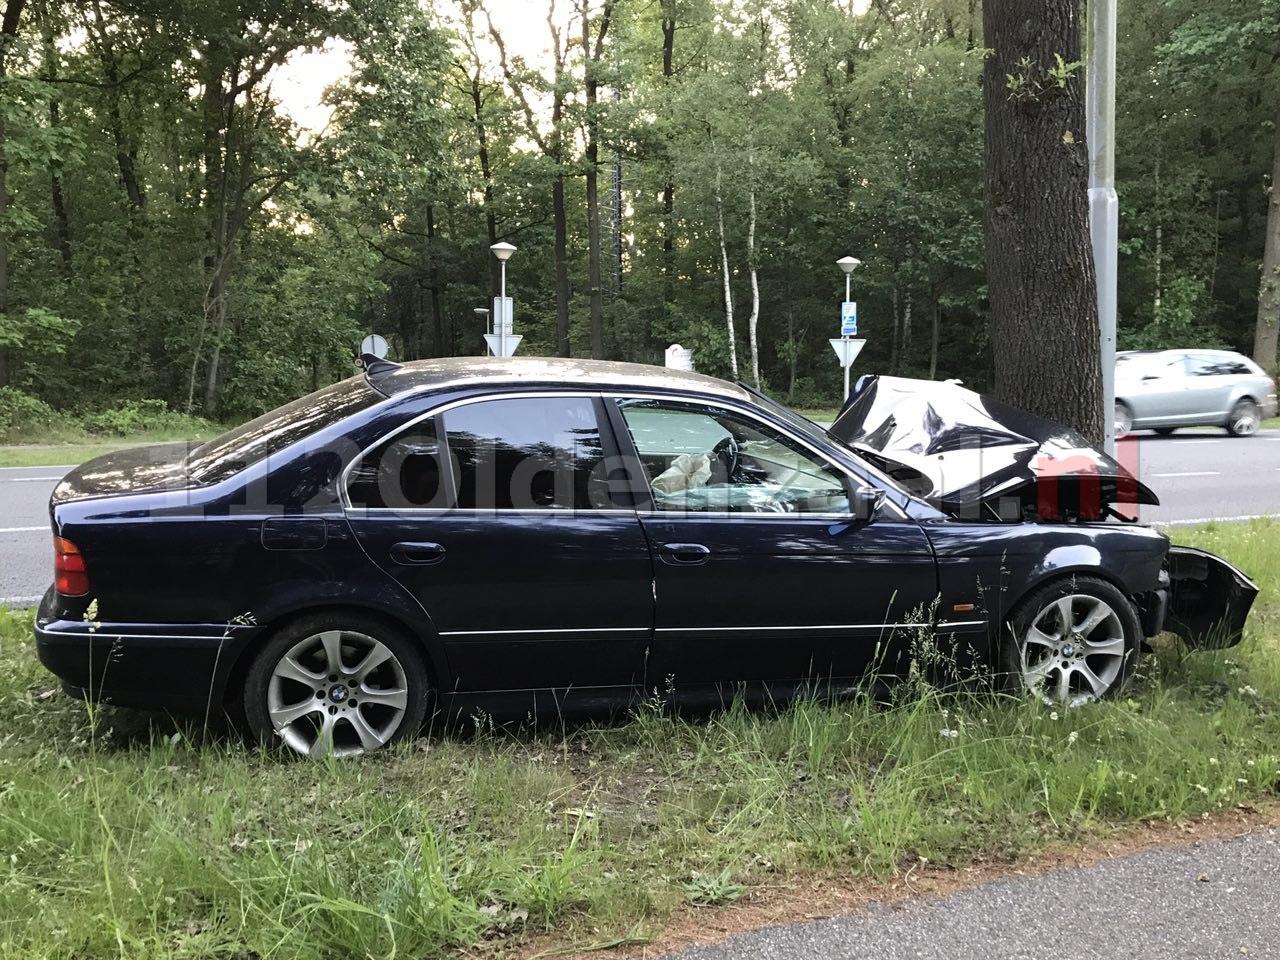 Foto 3: Gewonde bij ongeval tussen Oldenzaal en Losser; auto rijdt tegen boom